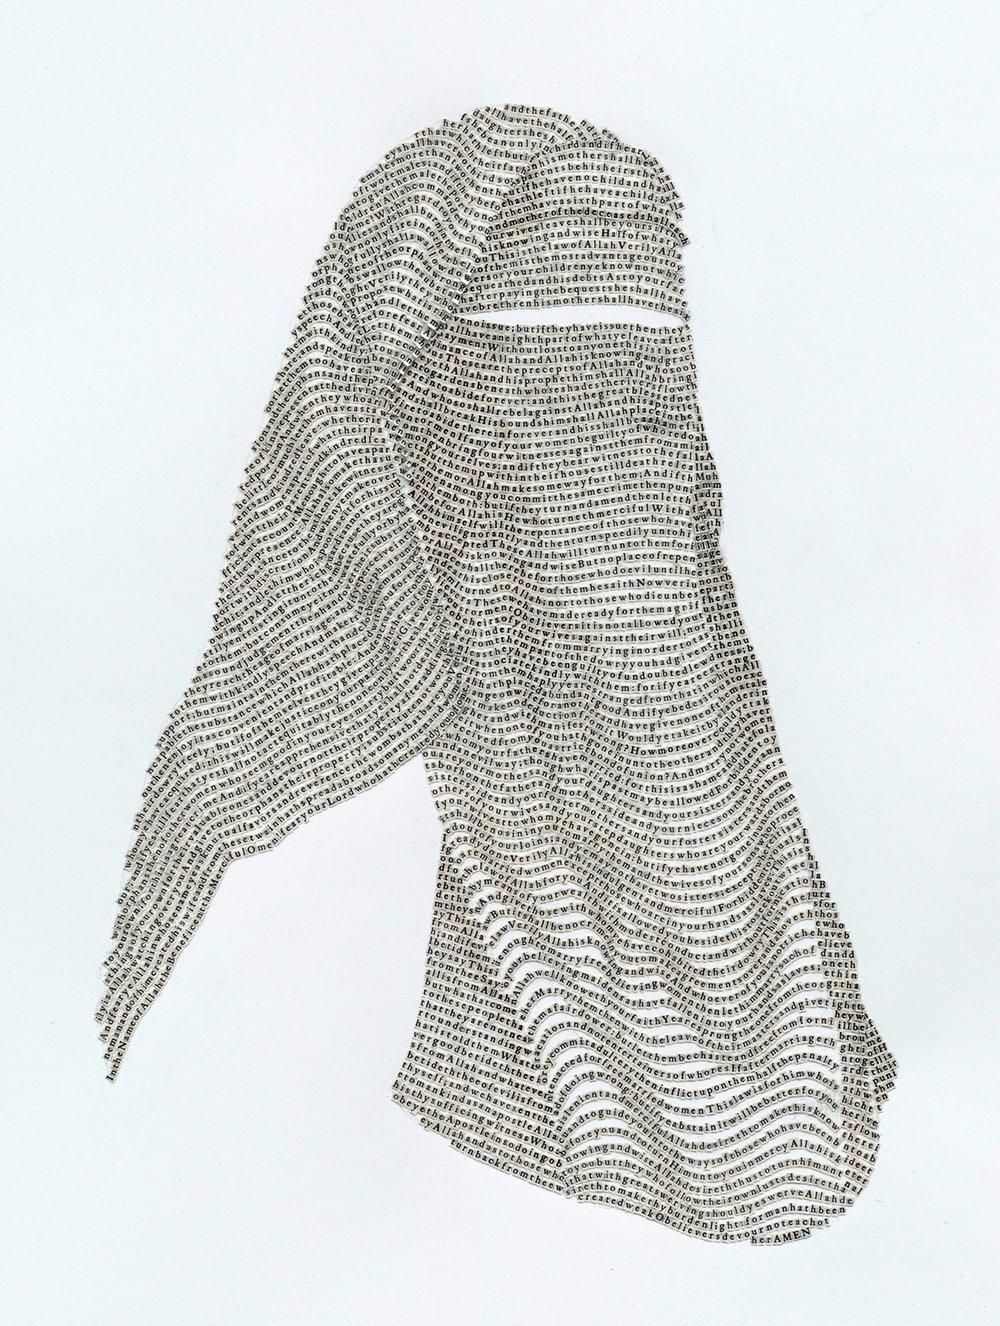 Niqab No. 1 (detail).jpg